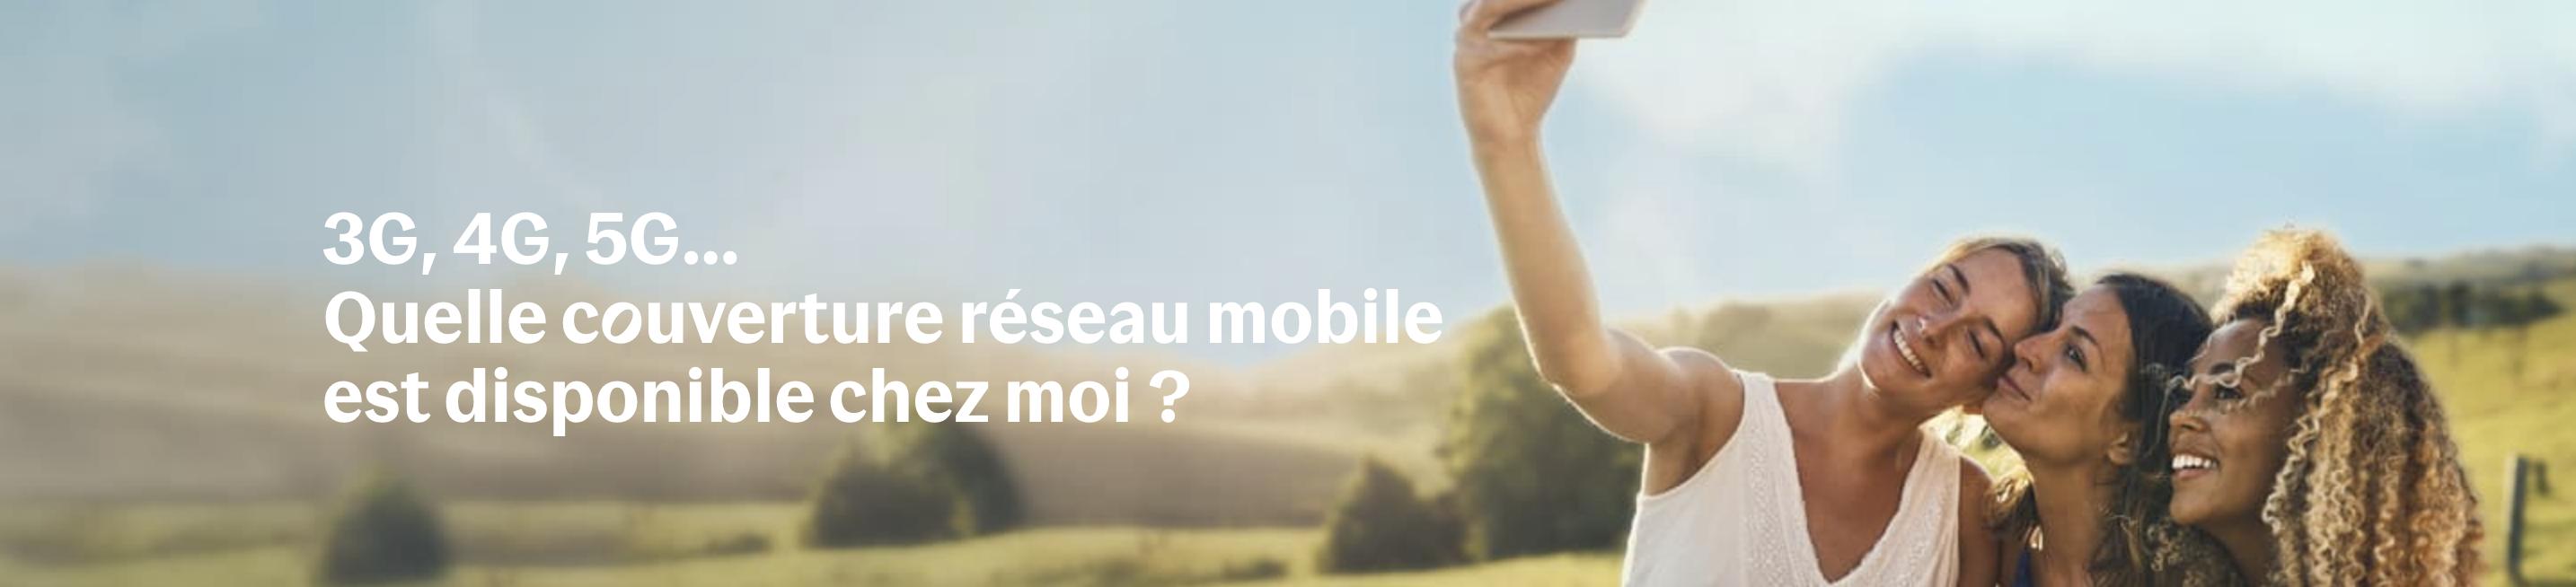 Couverture r&seau Bouygues Télécom